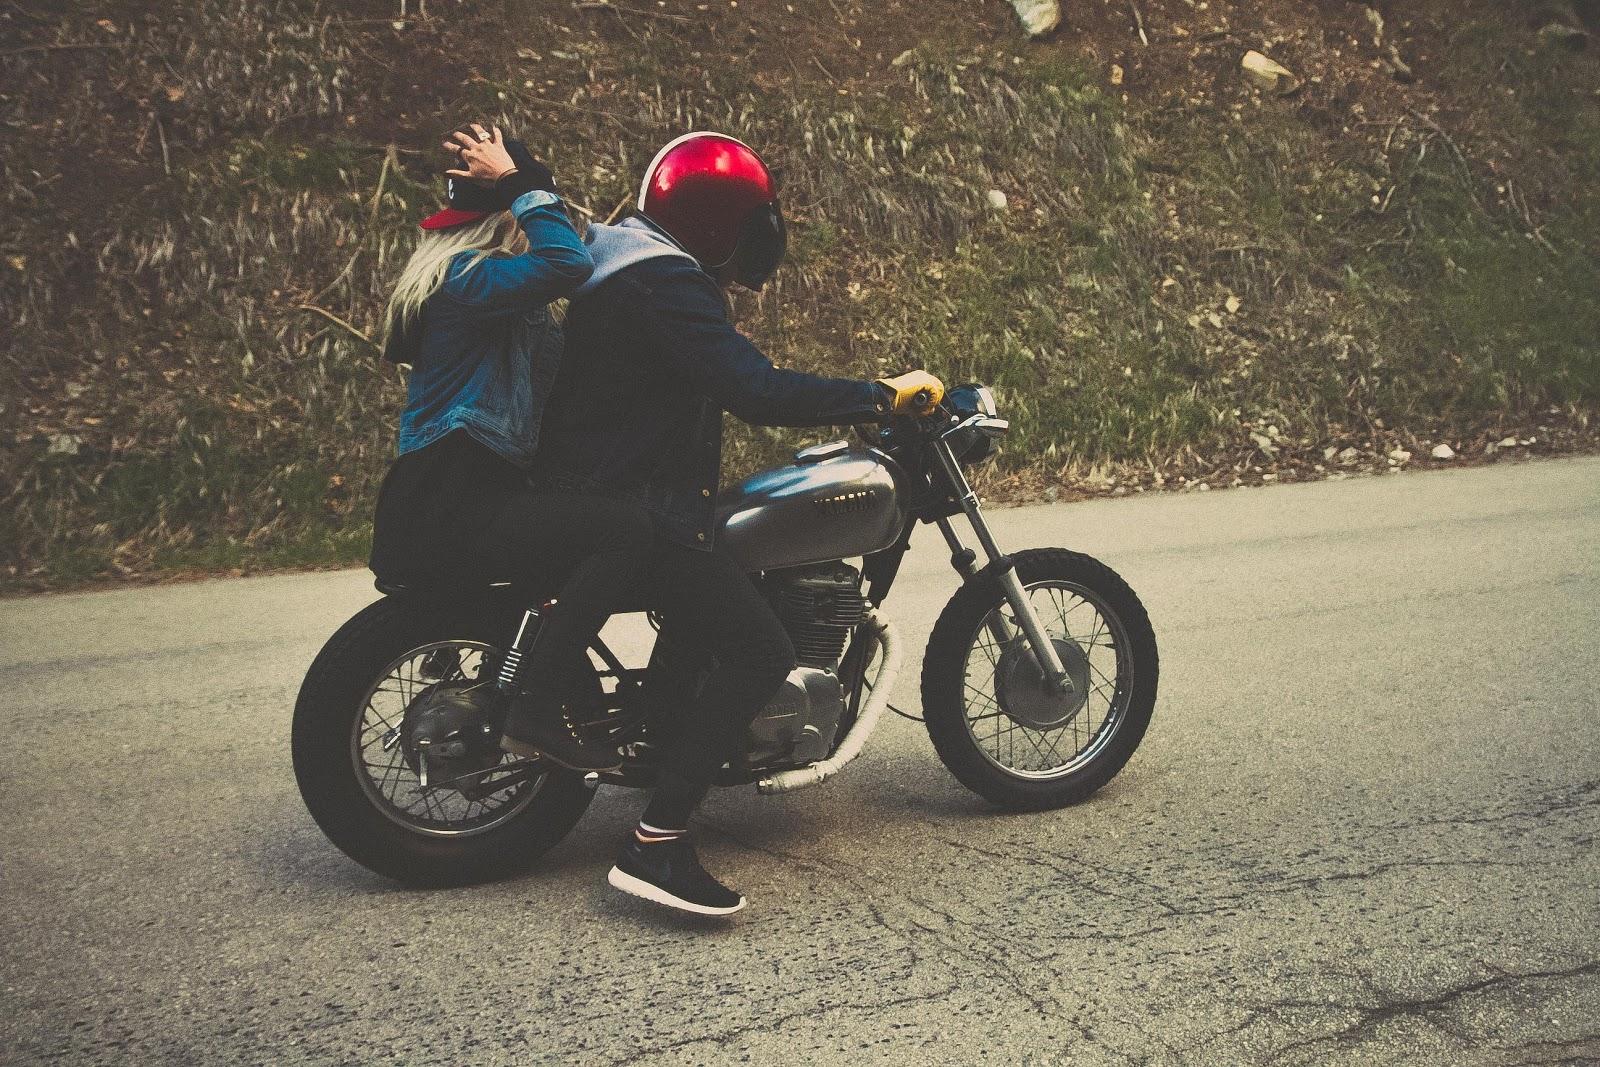 Pärchen auf Motorrad